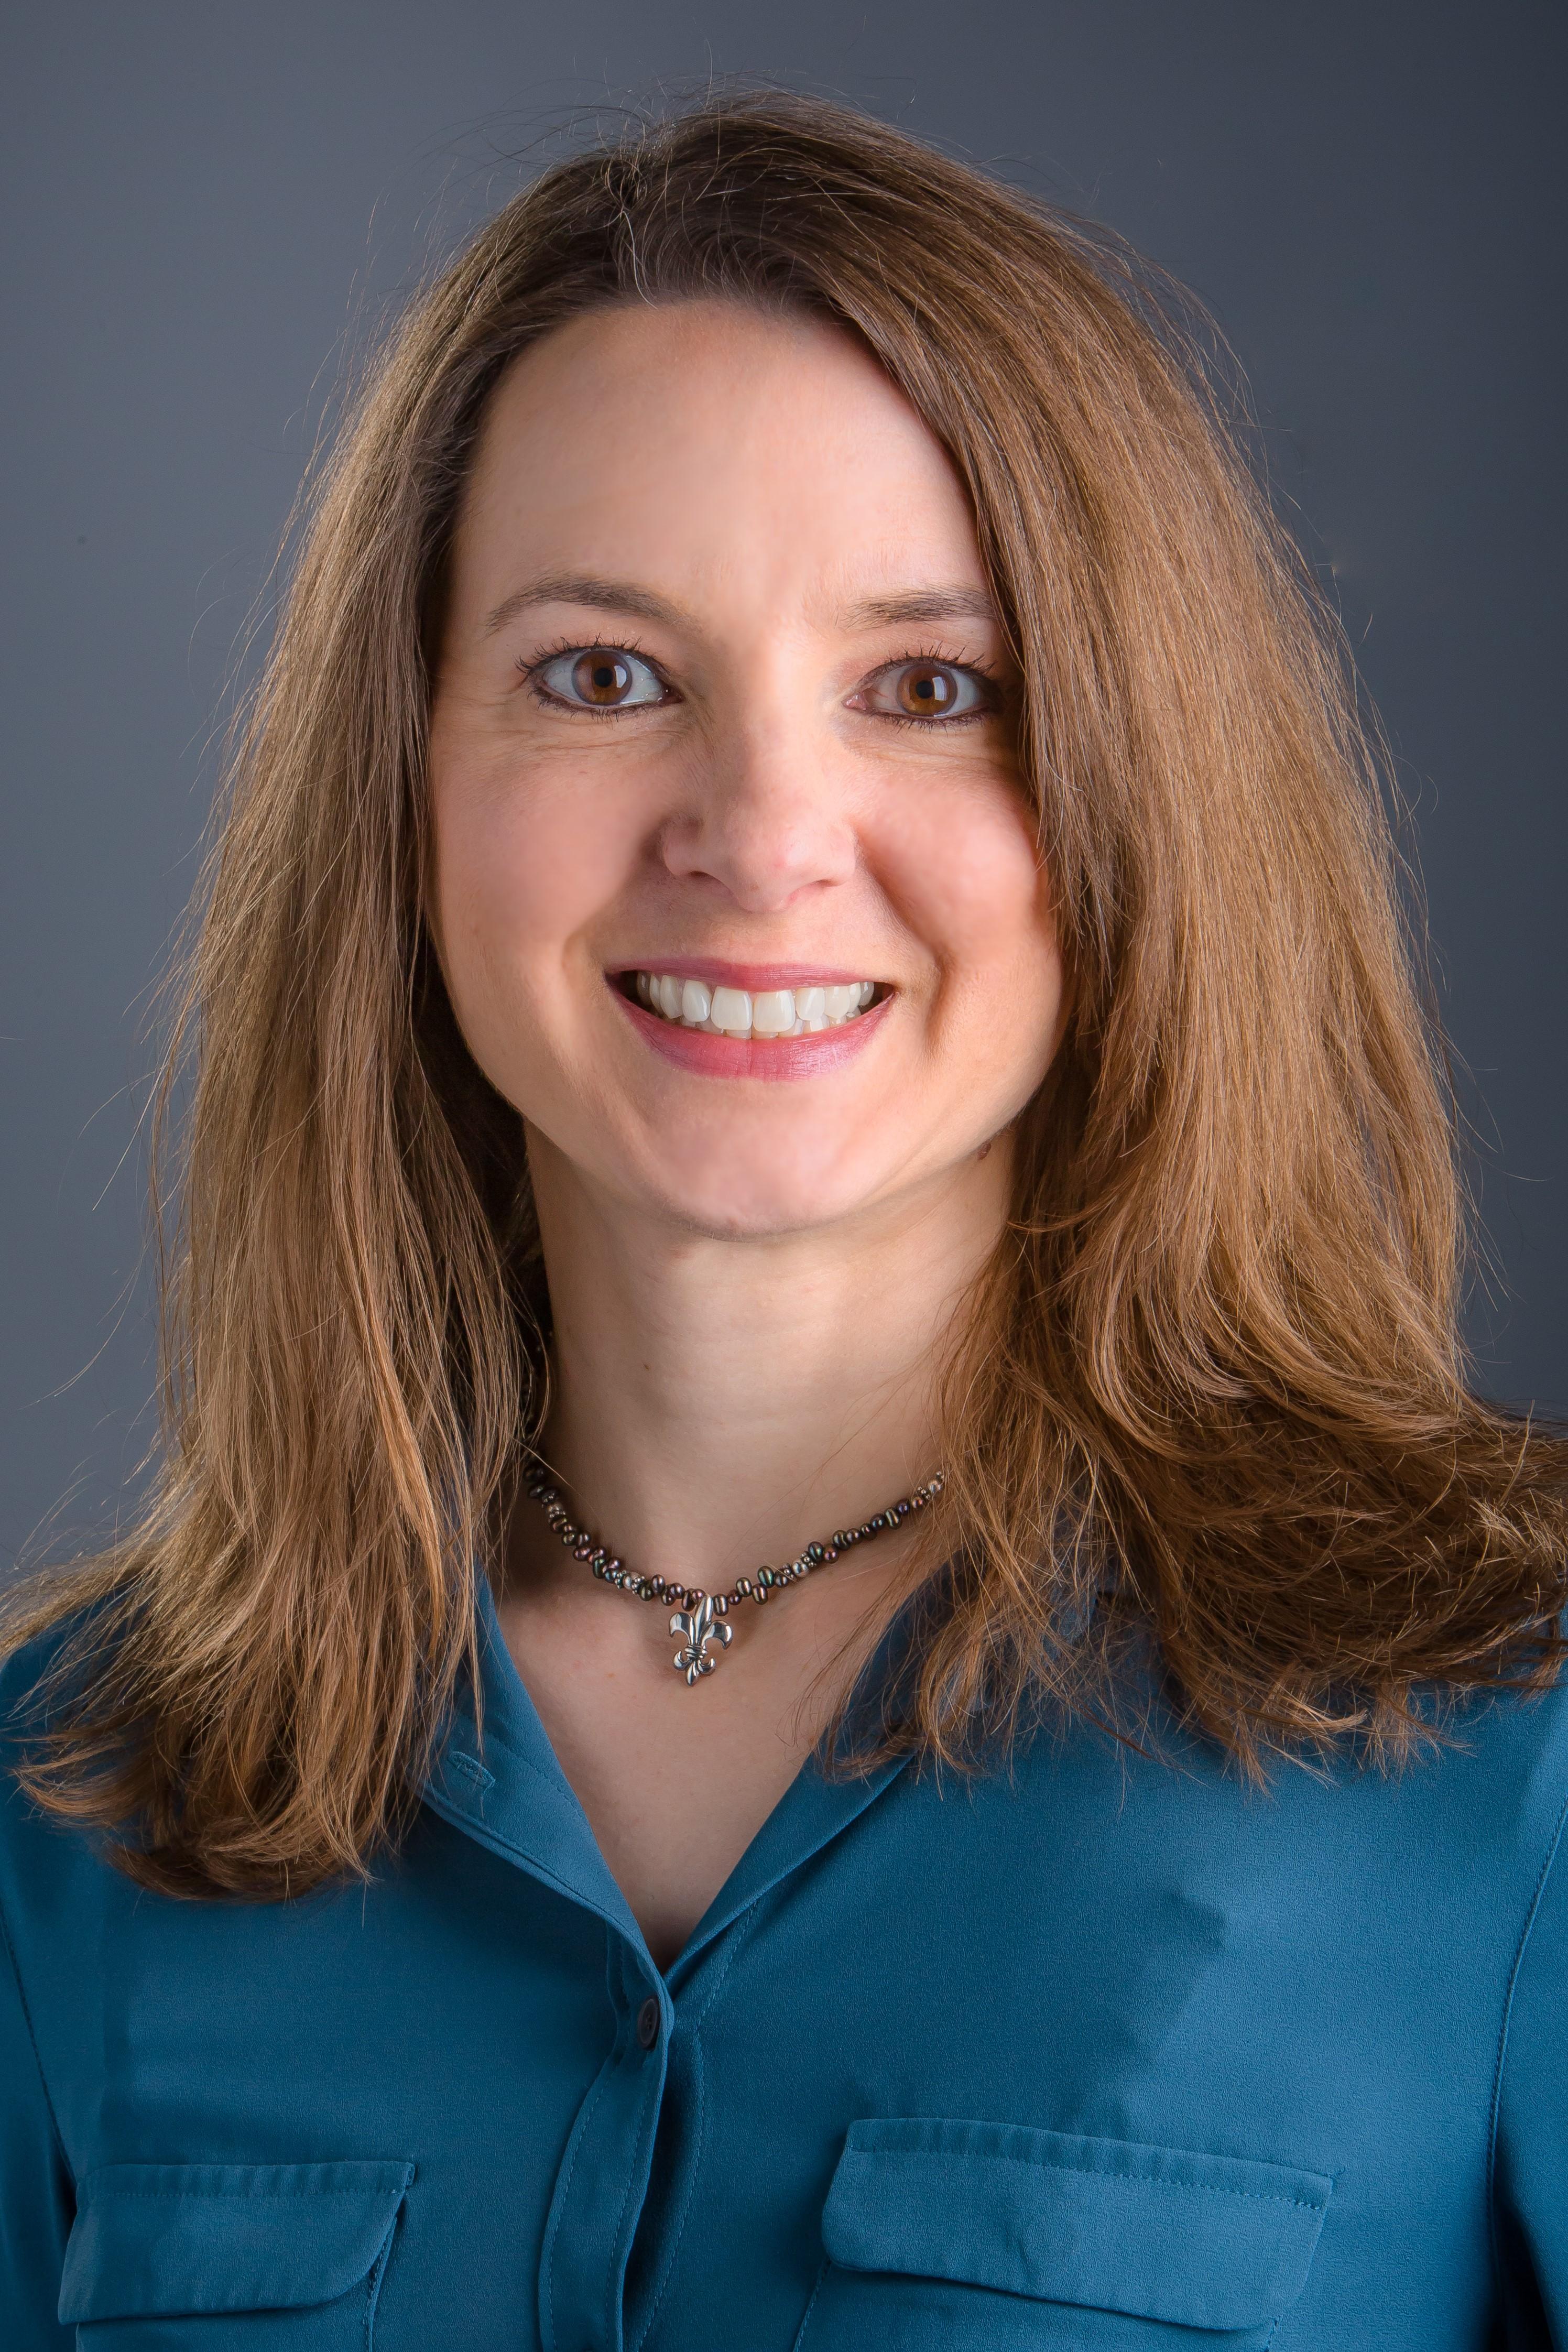 Profile photo of Kristen DeSanto